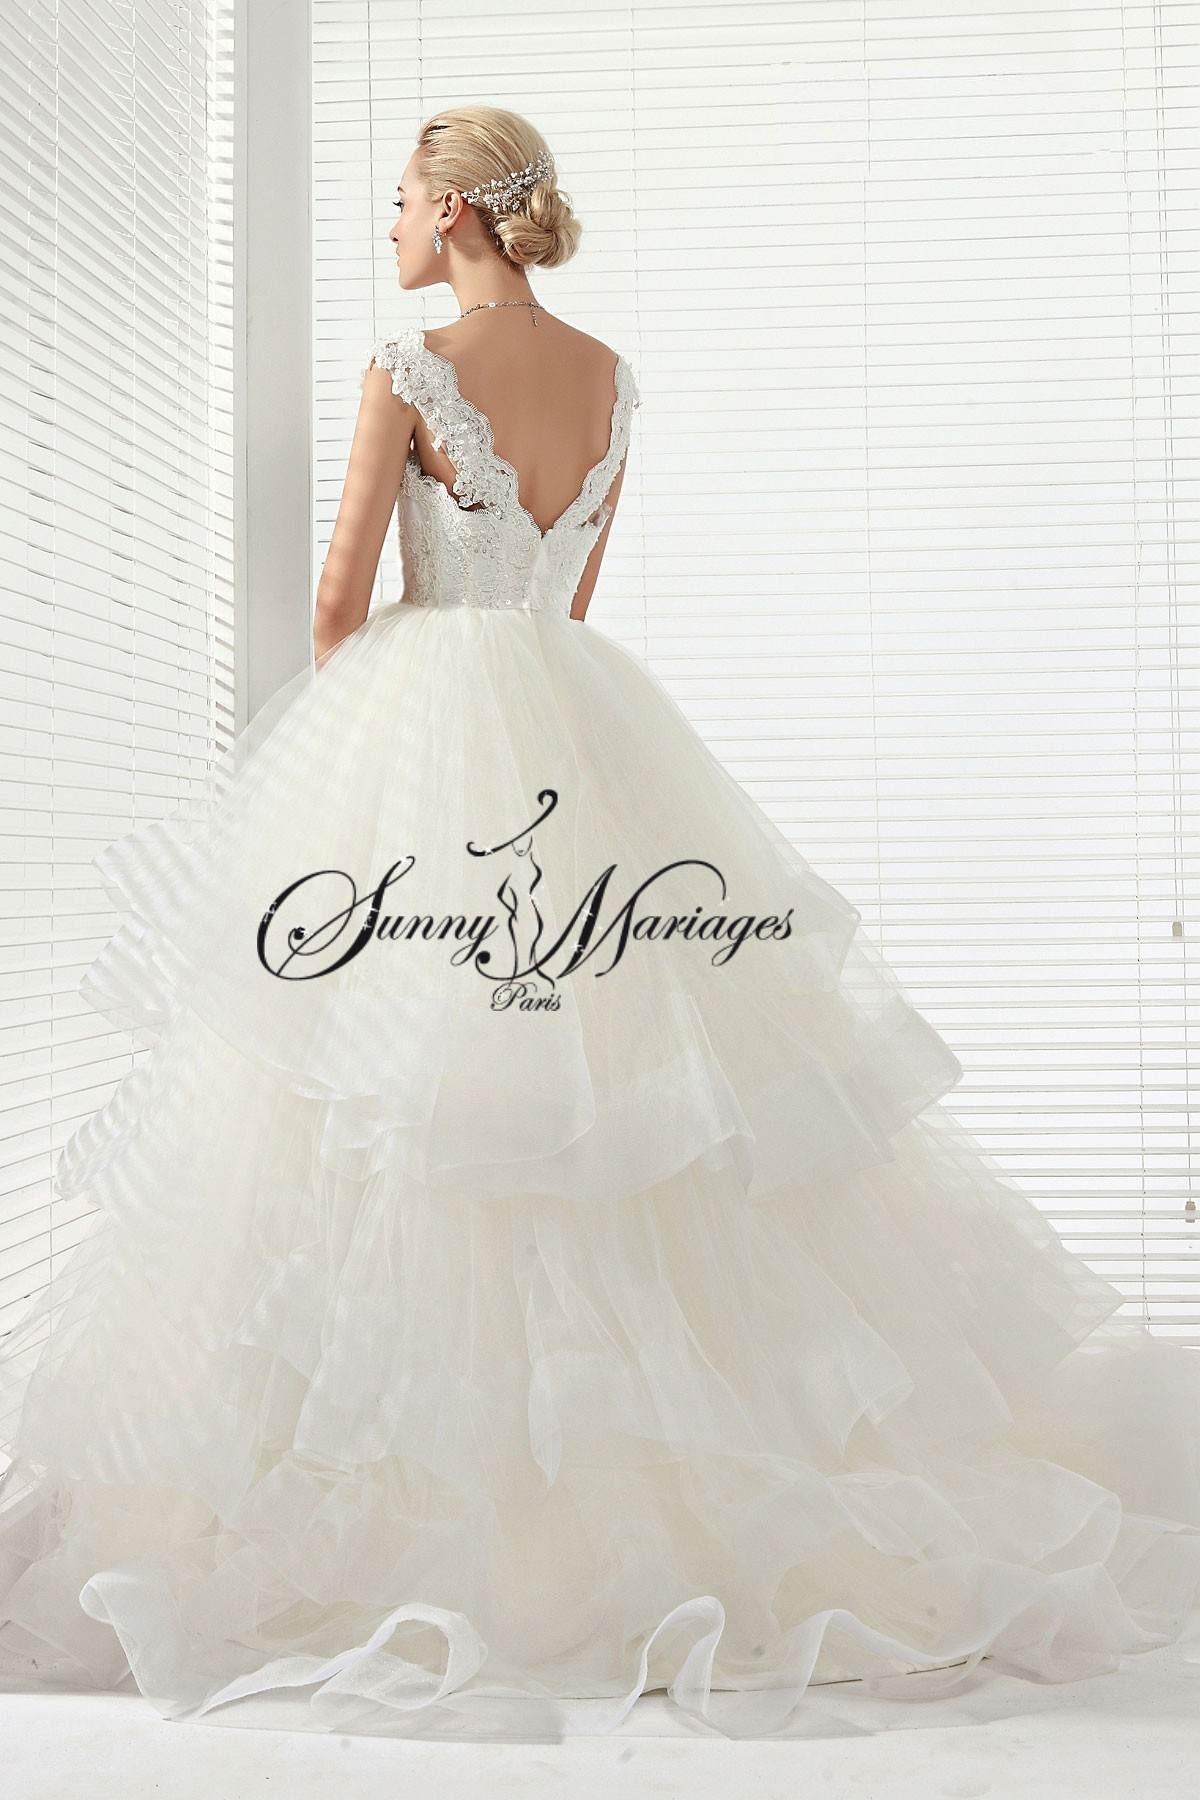 robe de mariee avec une magnifique jupe de tulle et bordée dorganza ...